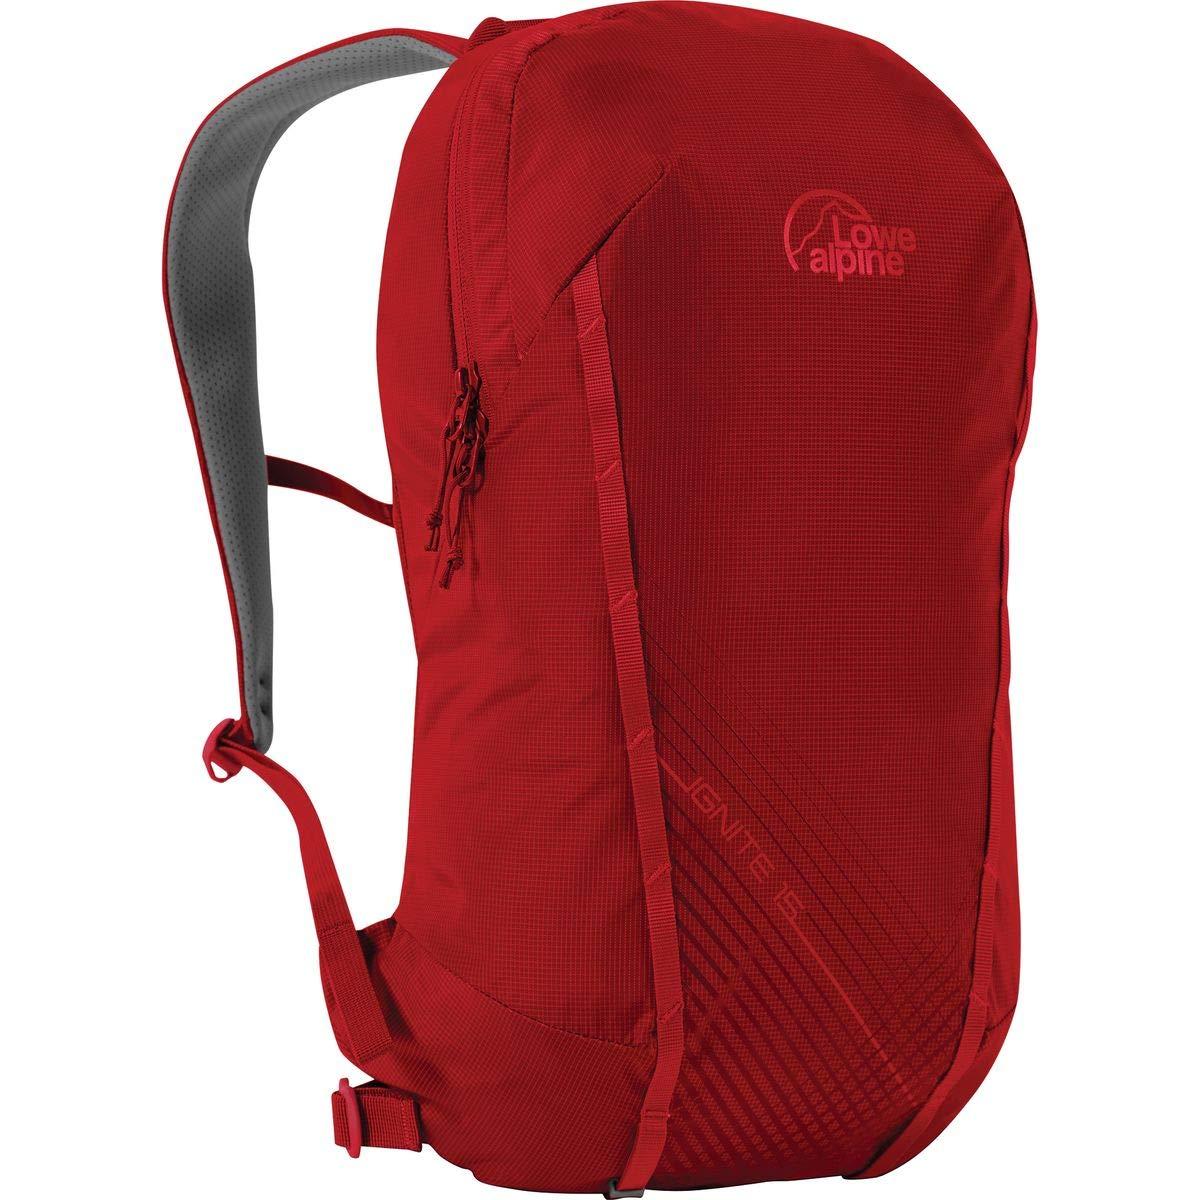 Lowe Alpine Ignite 15 Rucksack Daypack tagesrucksack B07D8W92N1 Ruckscke & Taschen Leidenschaftliches Leben